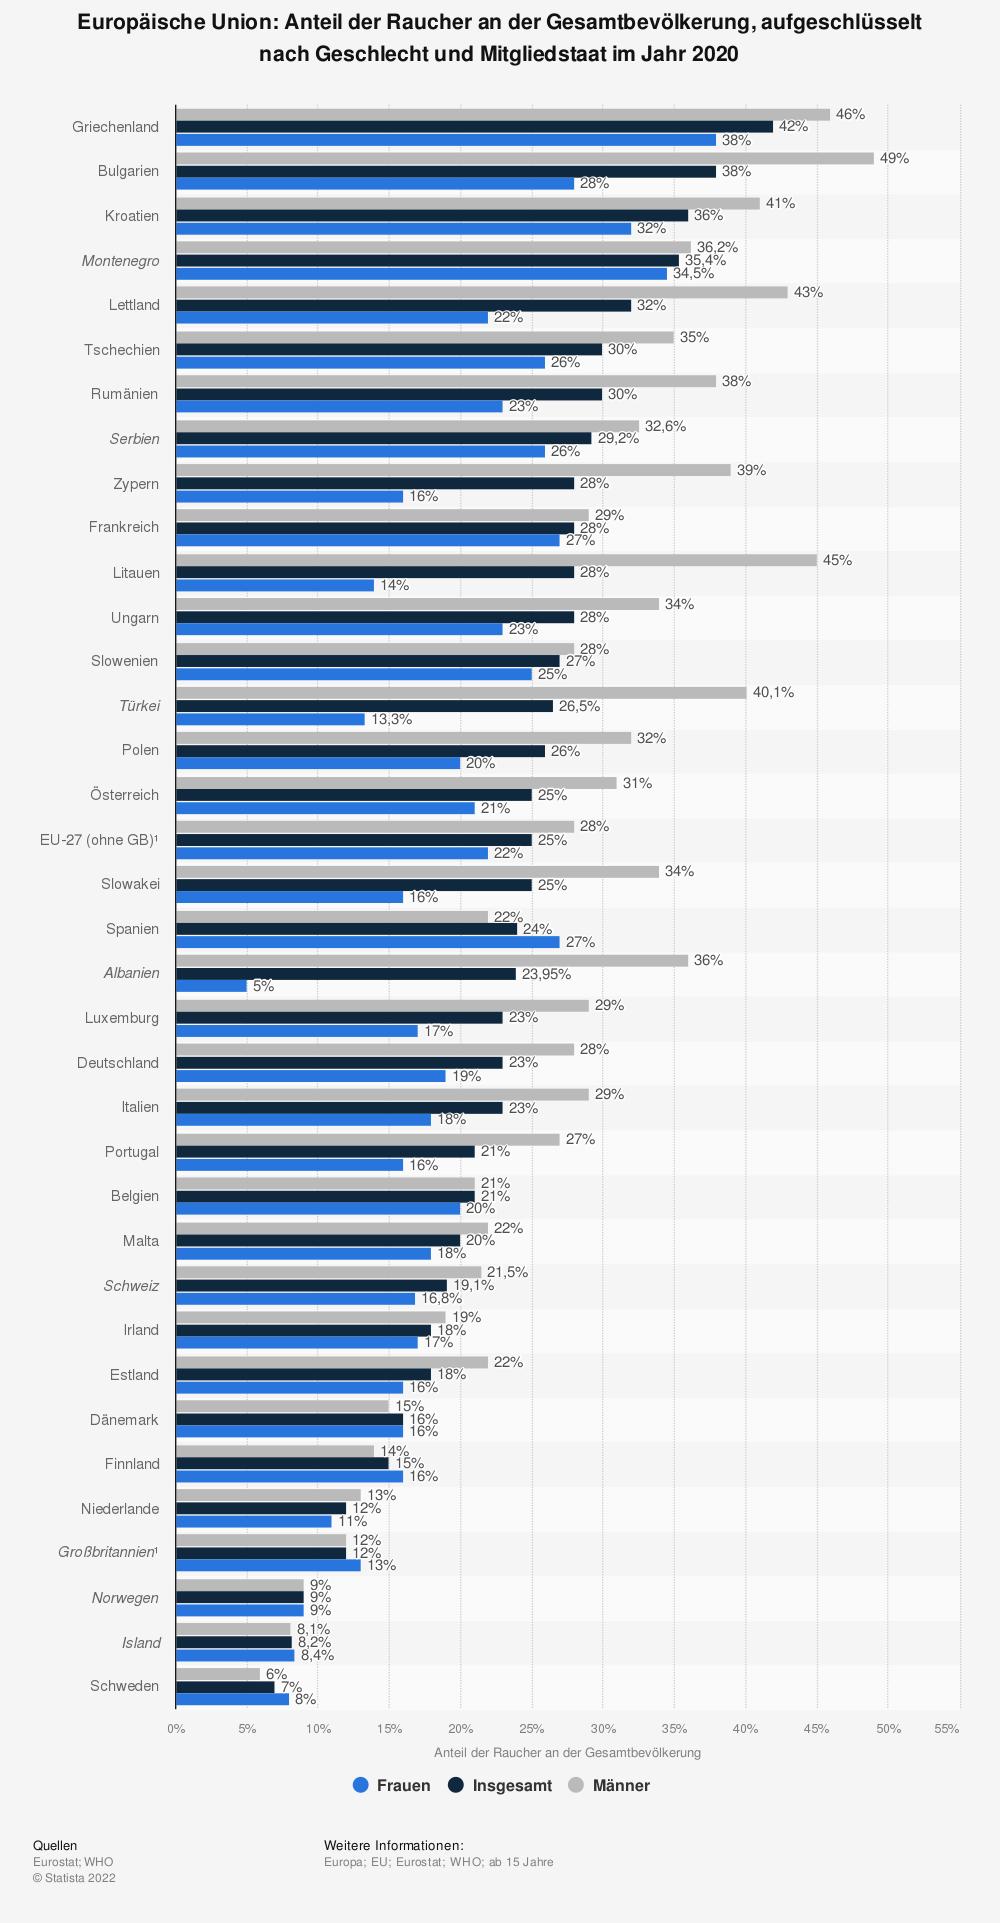 Statistik: Europäische Union: Anteil der Raucher an der Gesamtbevölkerung, aufgeschlüsselt nach Geschlecht und Mitgliedstaat im Jahr 2020⁴ | Statista